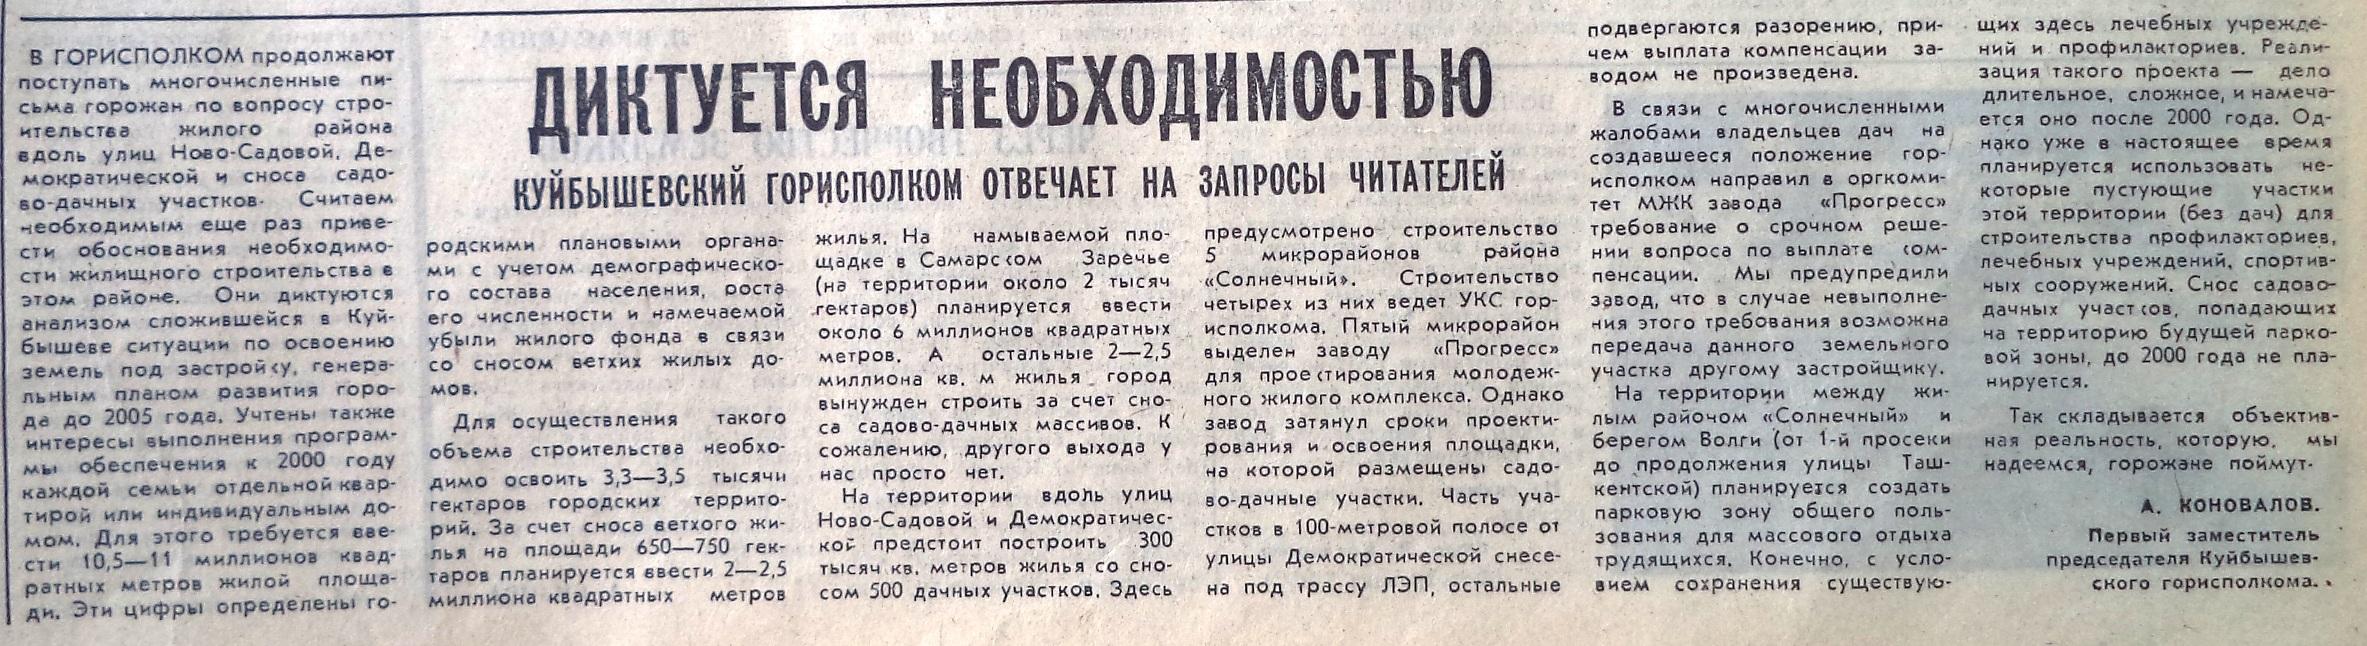 Ново-Садовая-ФОТО-104-ВЗя-1989-09-07-о сносах по НС